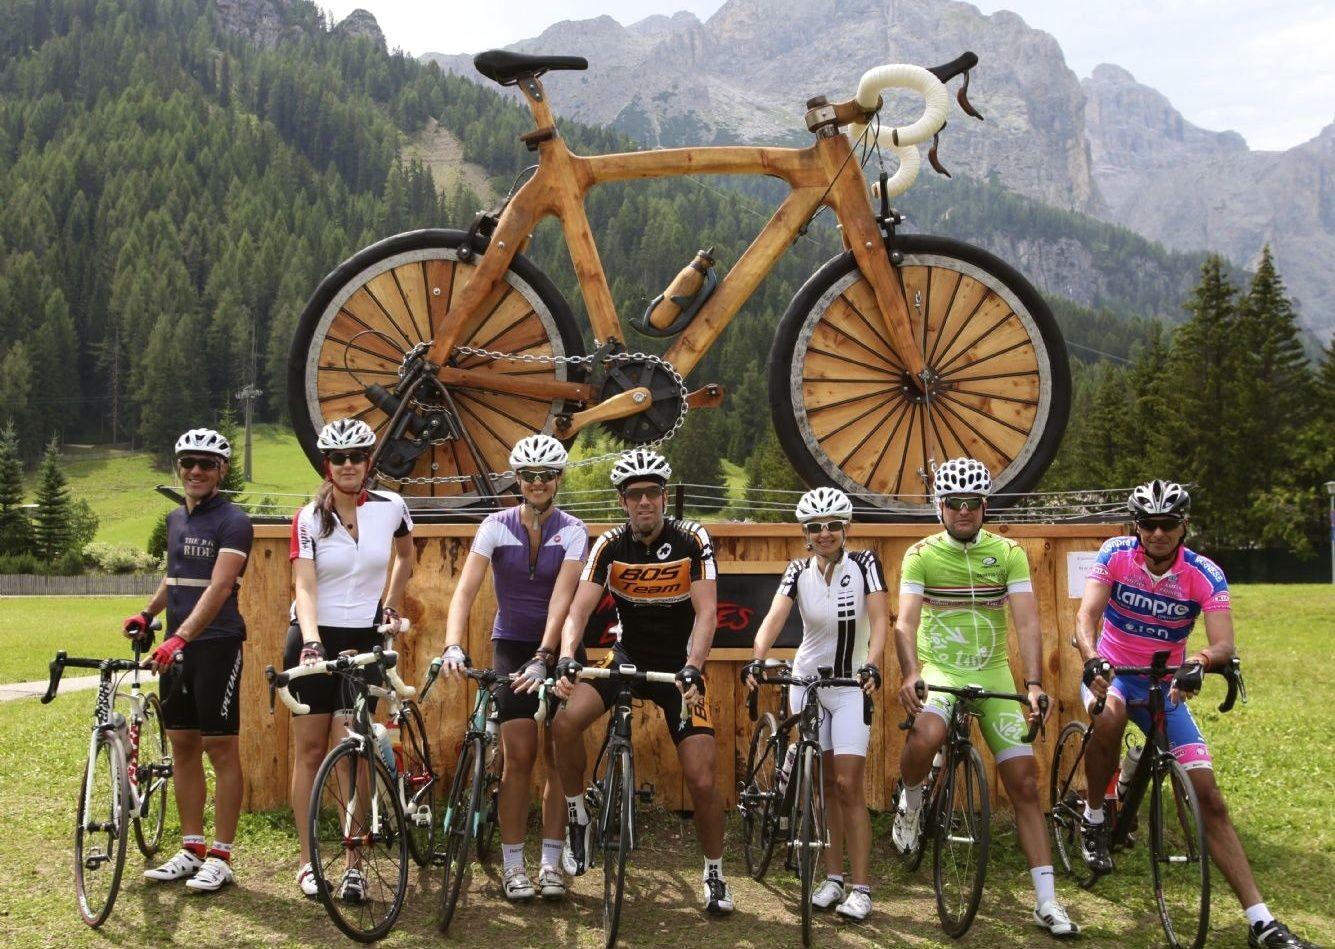 italiandolomites12.jpg - Italy - Italian Dolomites - Guided Road Cycling Holiday - Road Cycling